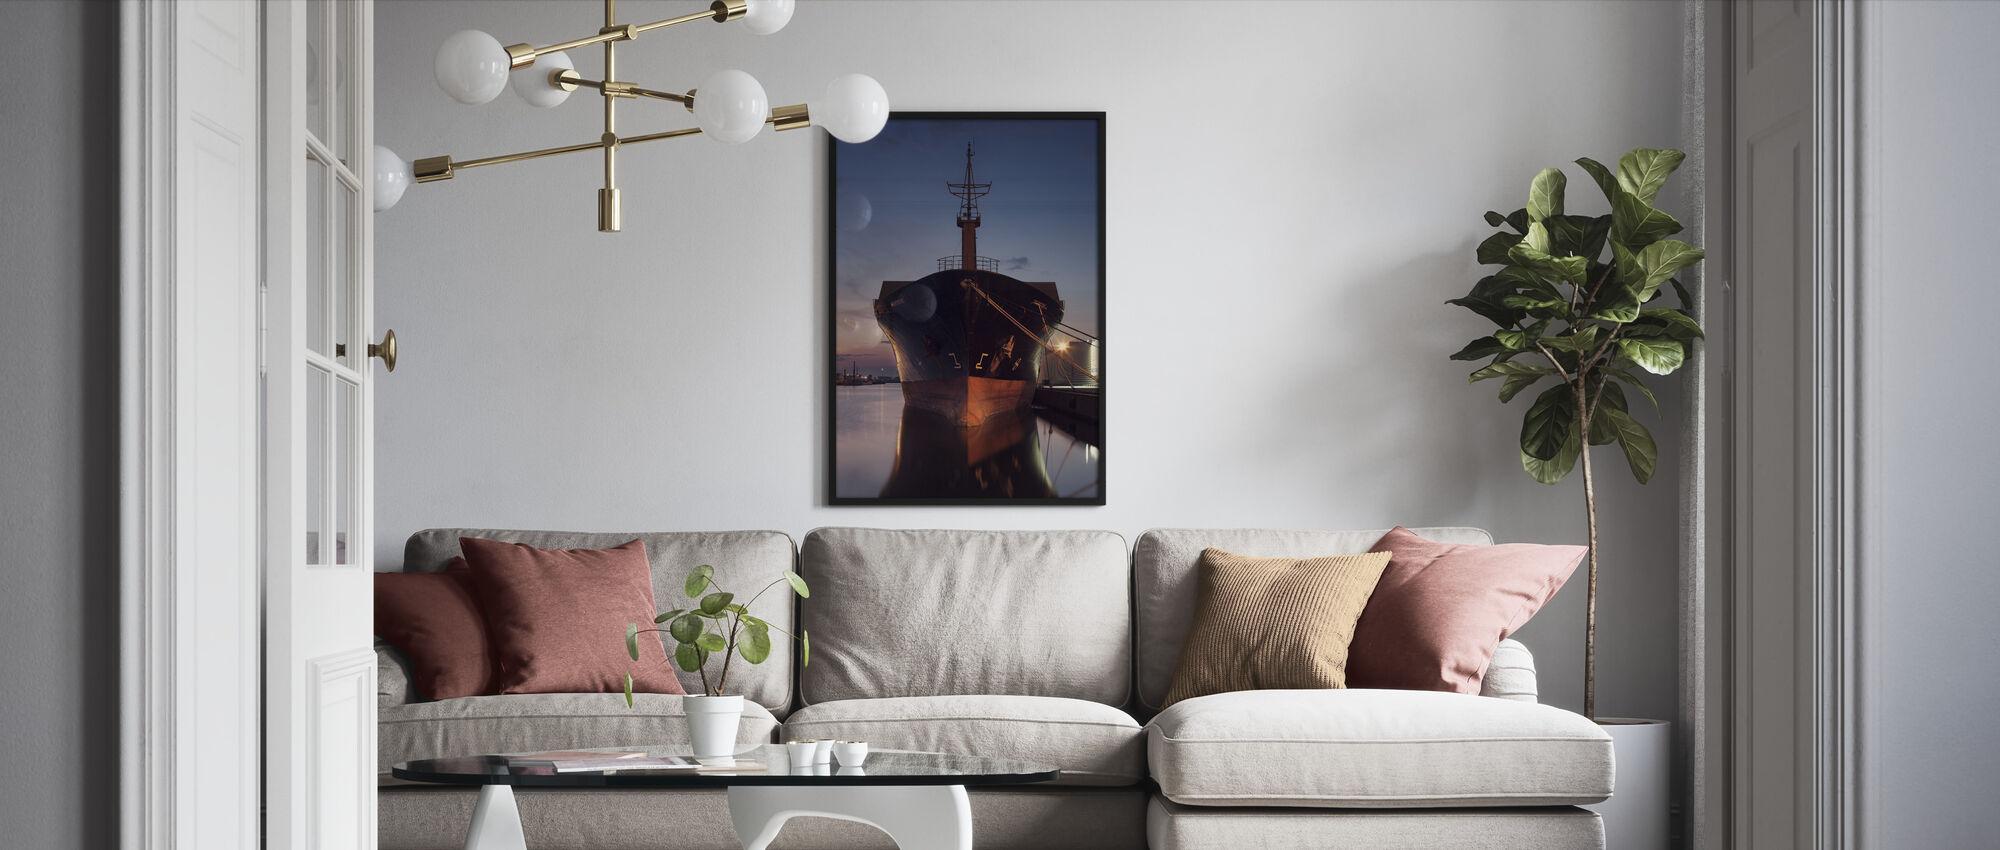 Ship in Eastern Harbor, Malmö Sweden - Framed print - Living Room